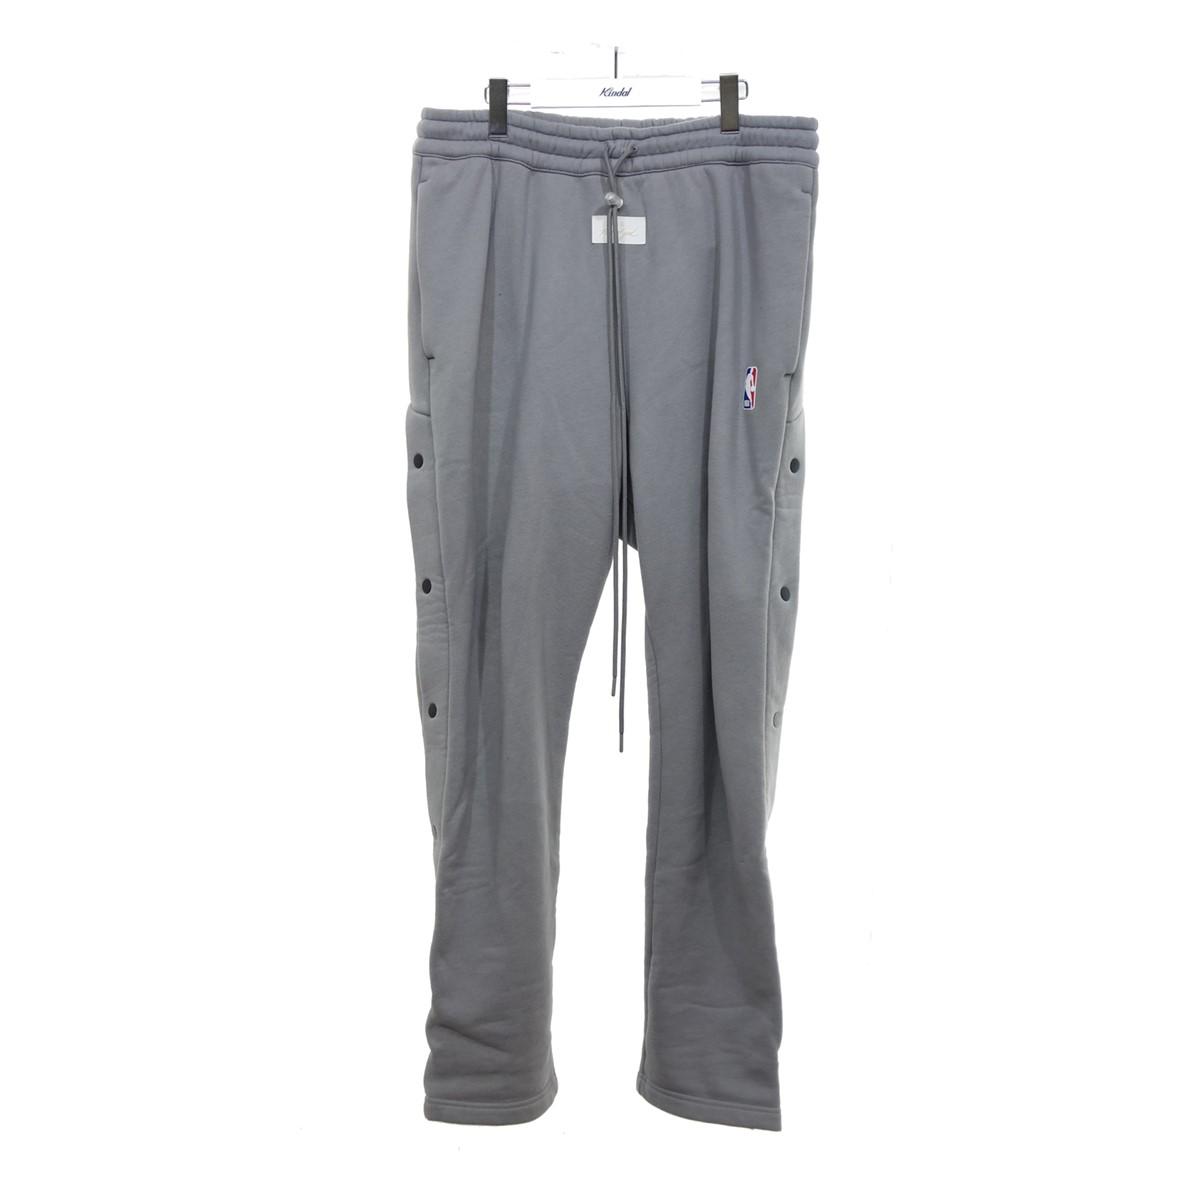 【中古】NIKE 【BV5791-003】×FEAR OF GOD Warm Up Pants ライトグレー サイズ:M 【300620】(ナイキ)